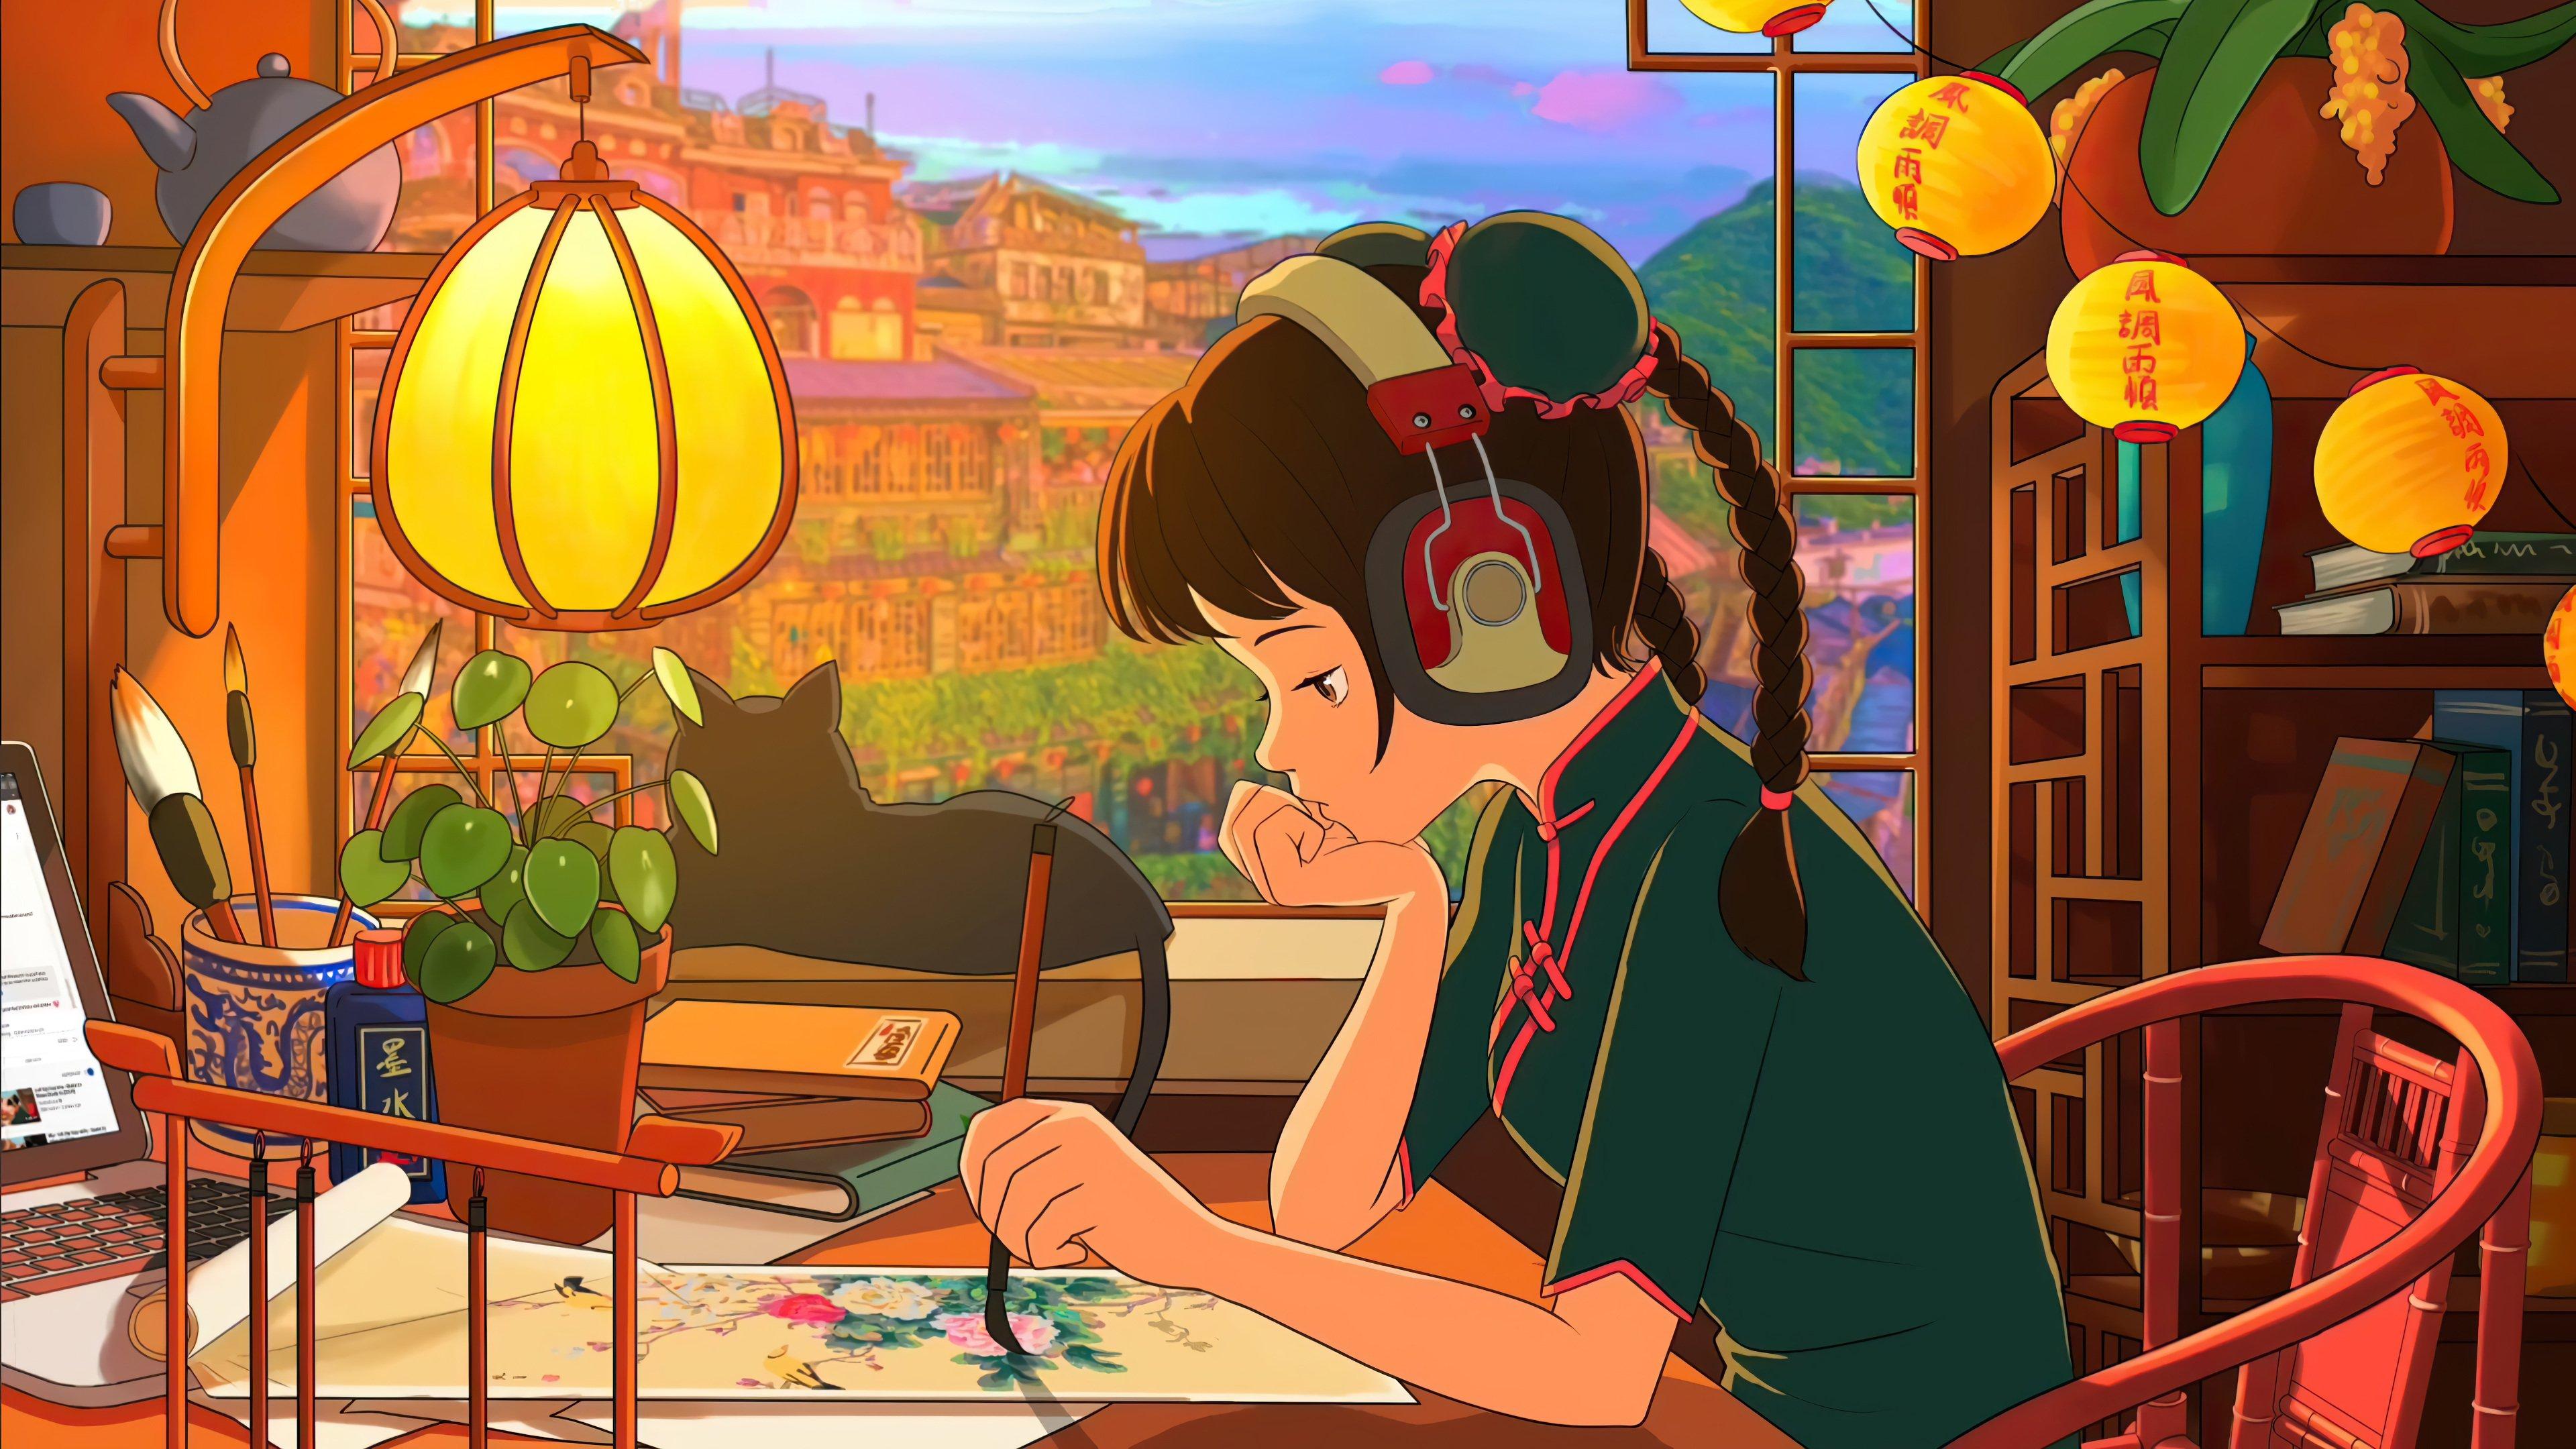 Fondos de pantalla Lofi estilo asiático